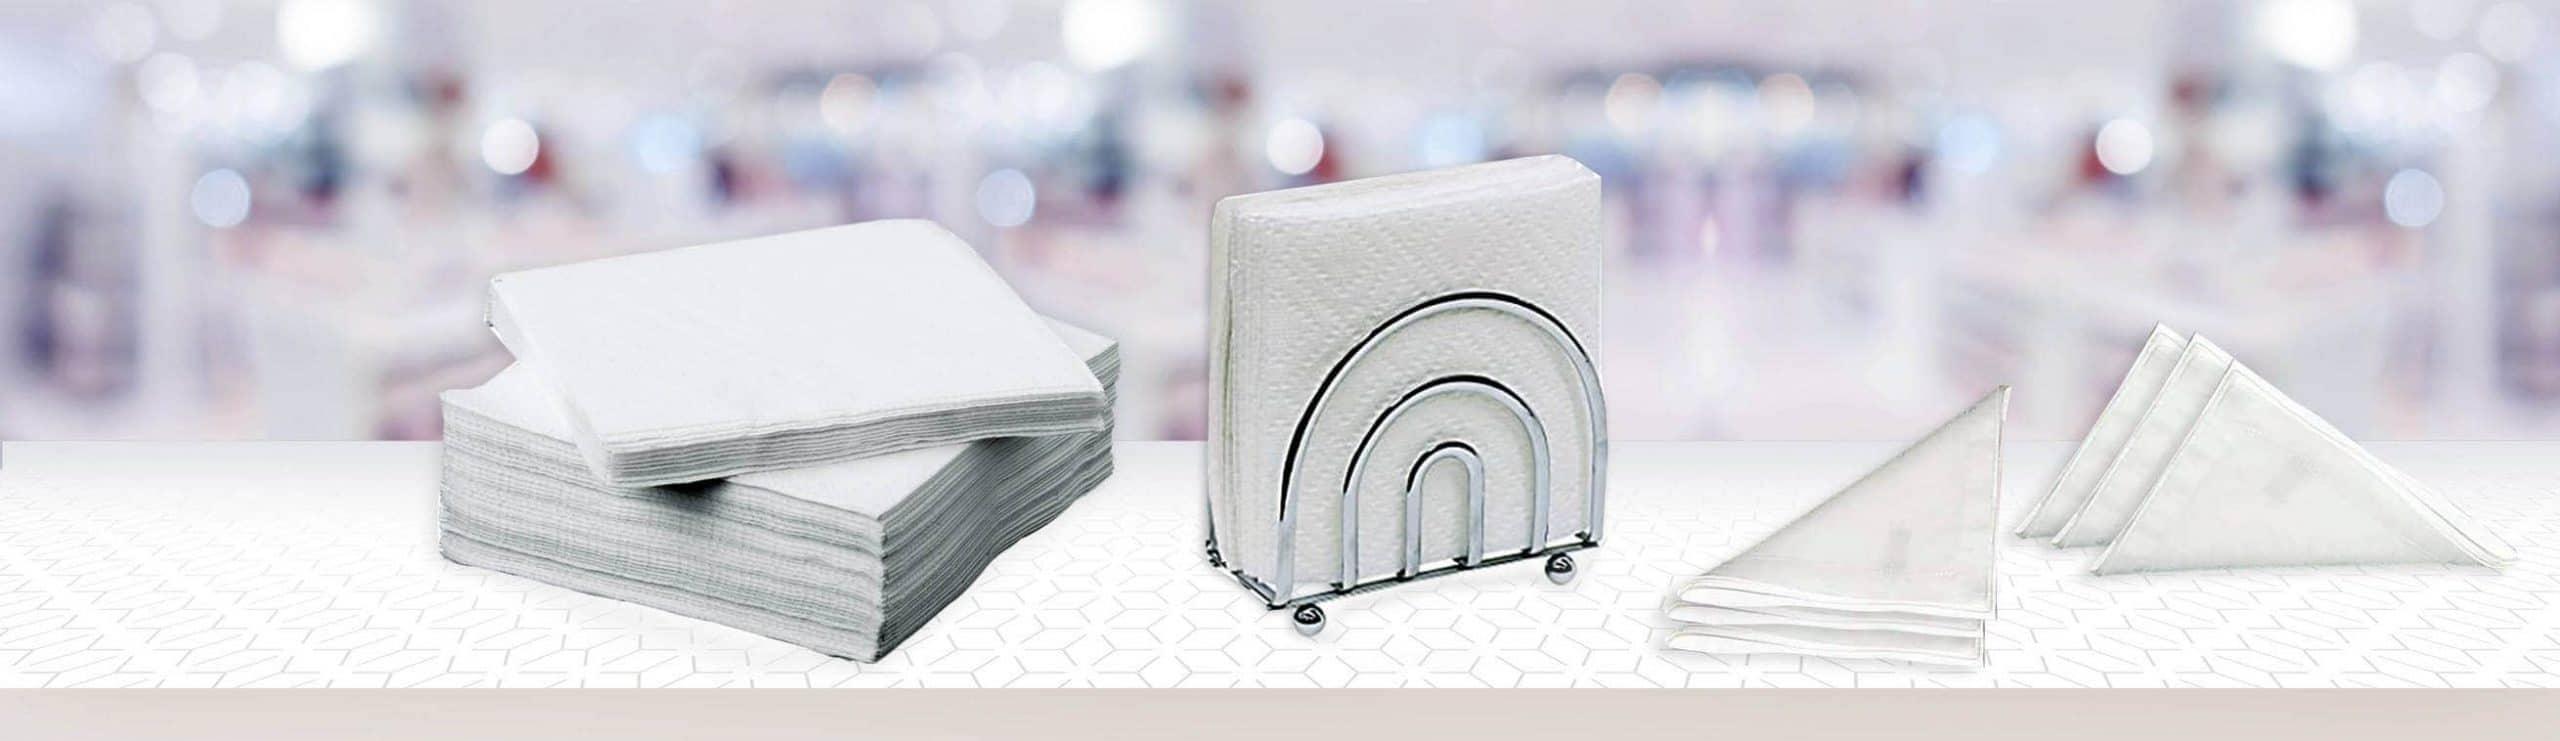 Paper Napkin Tissues